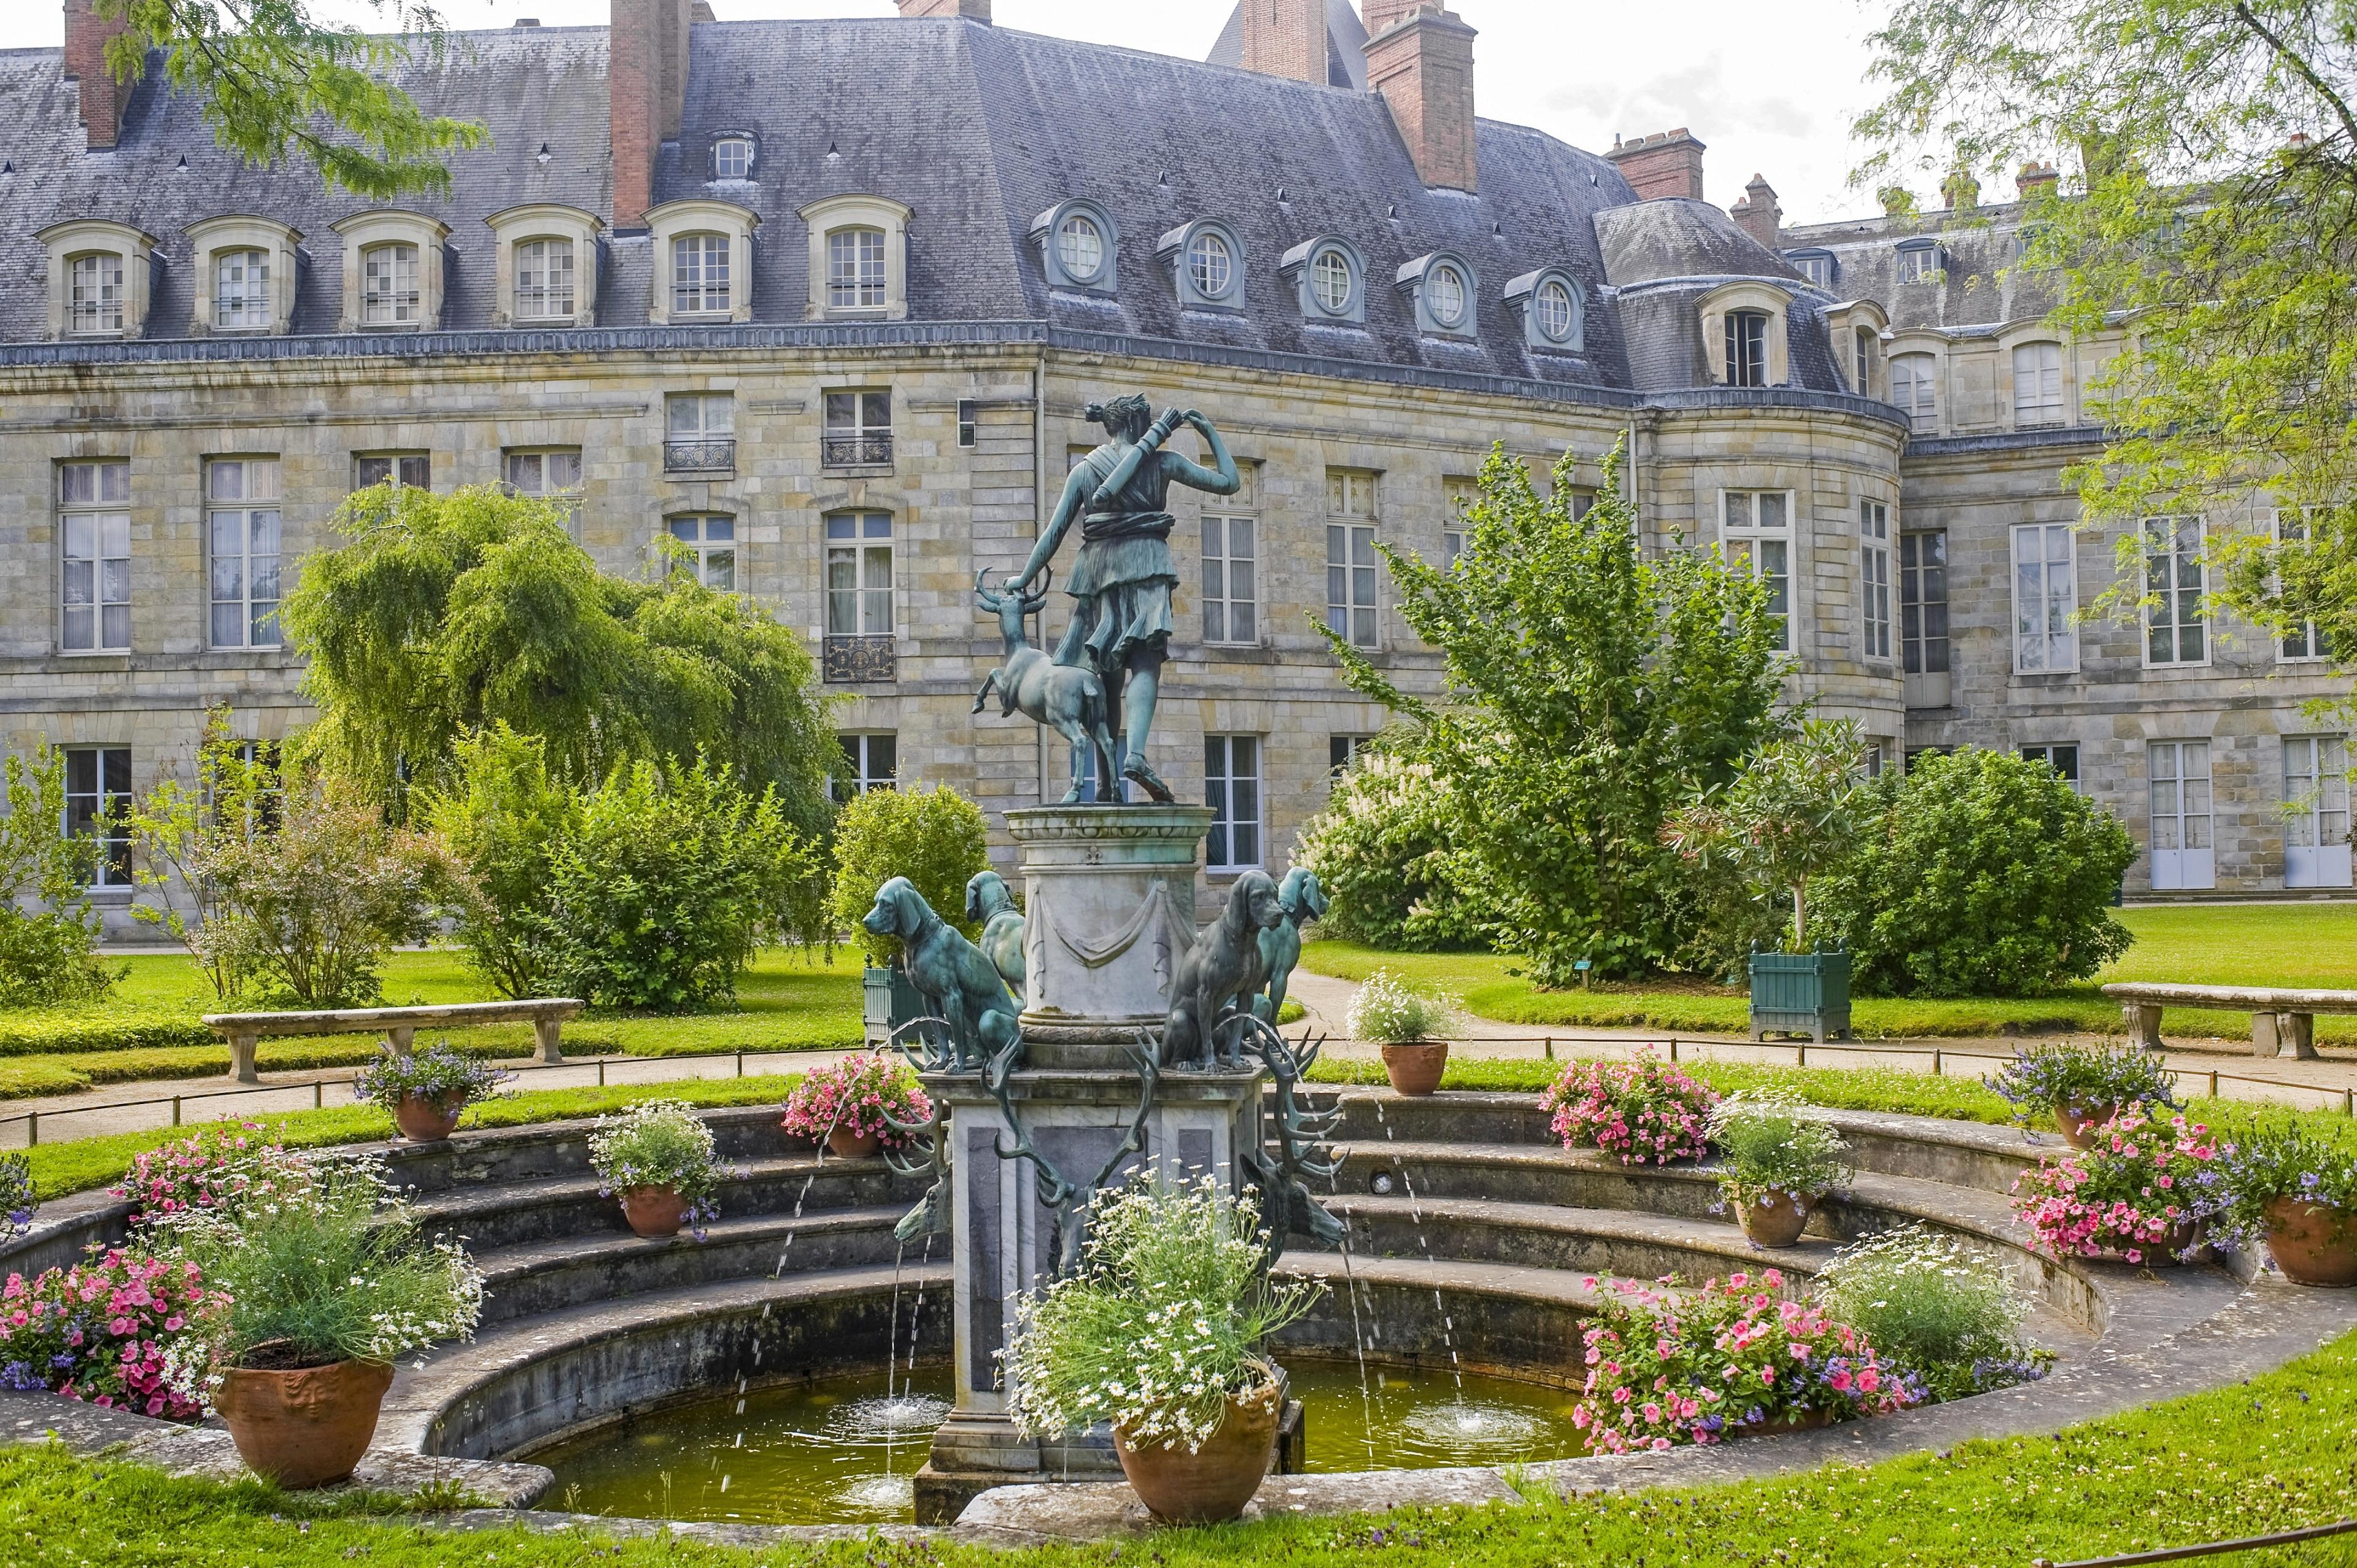 Fontainebleau, Seine-et-Marne, France